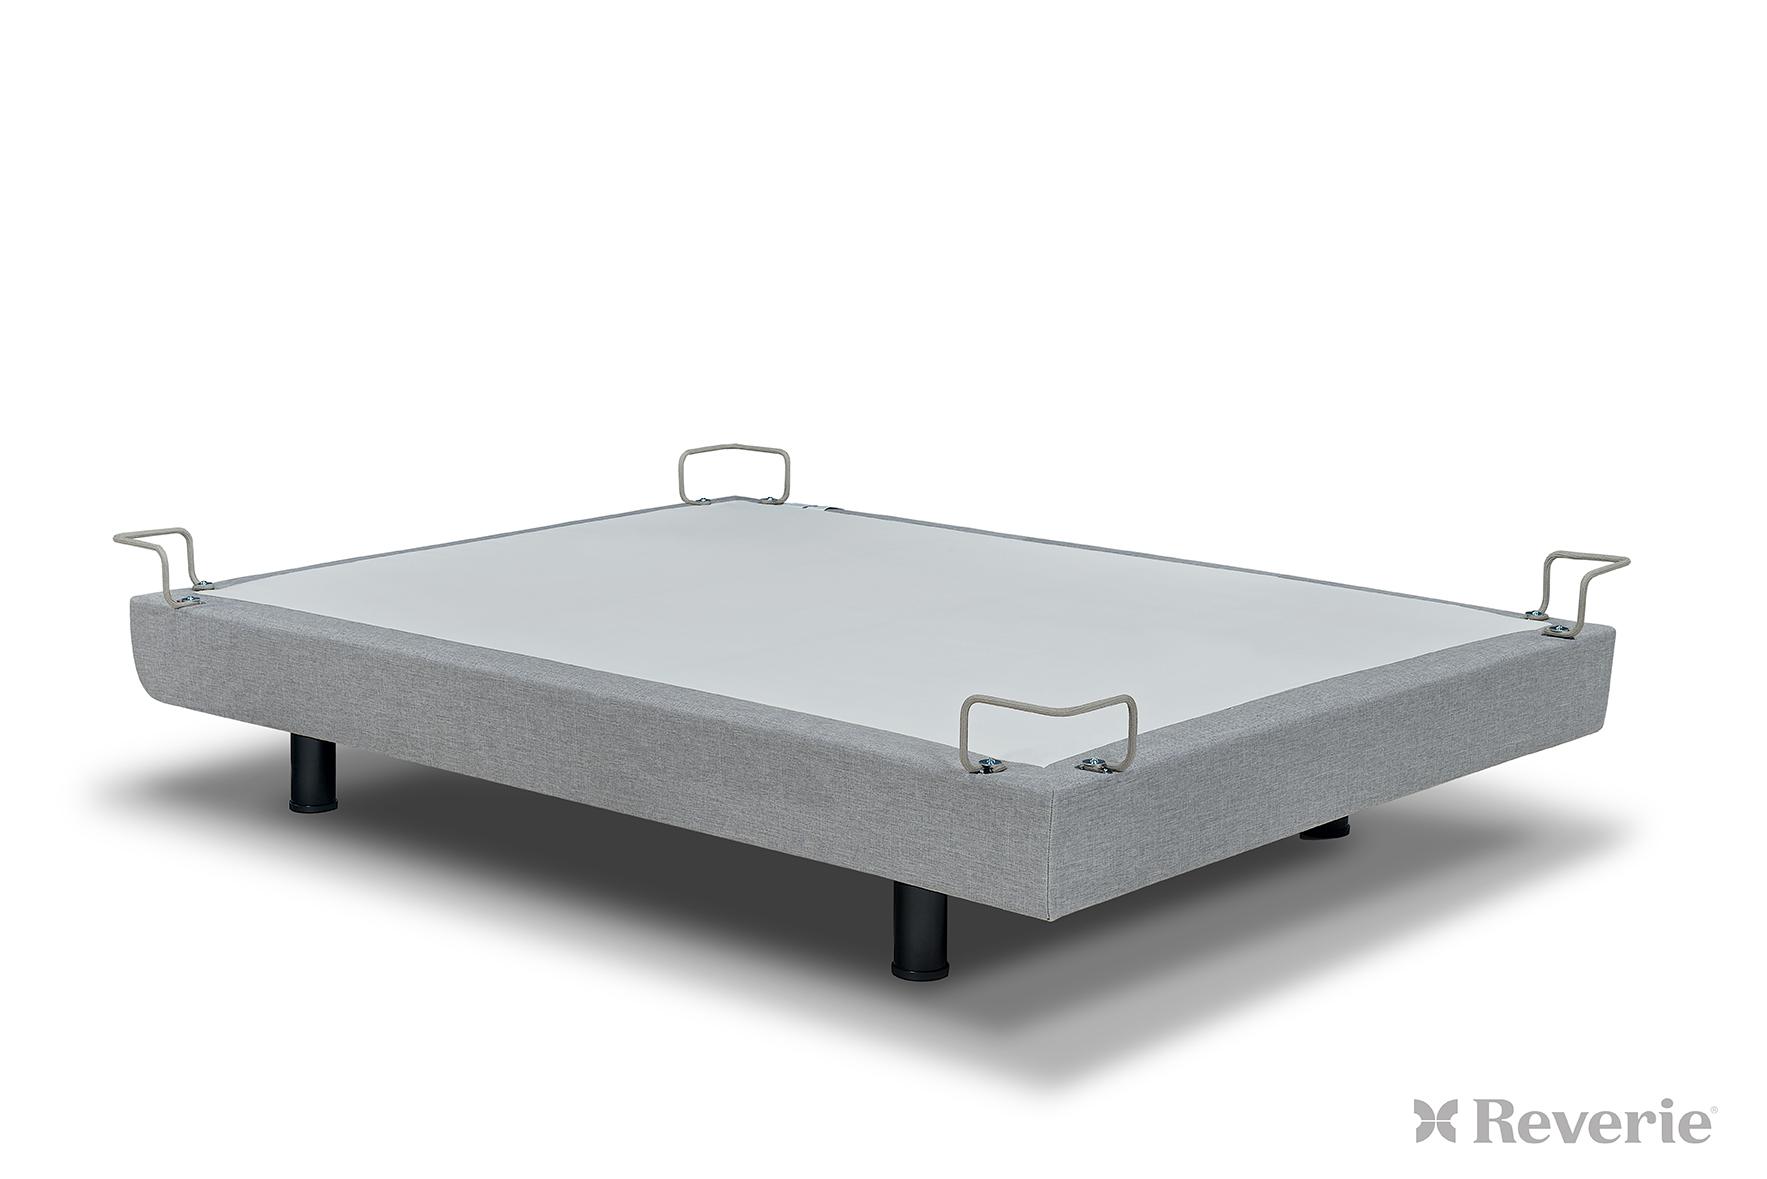 Adjustable Beds Royal Bedding